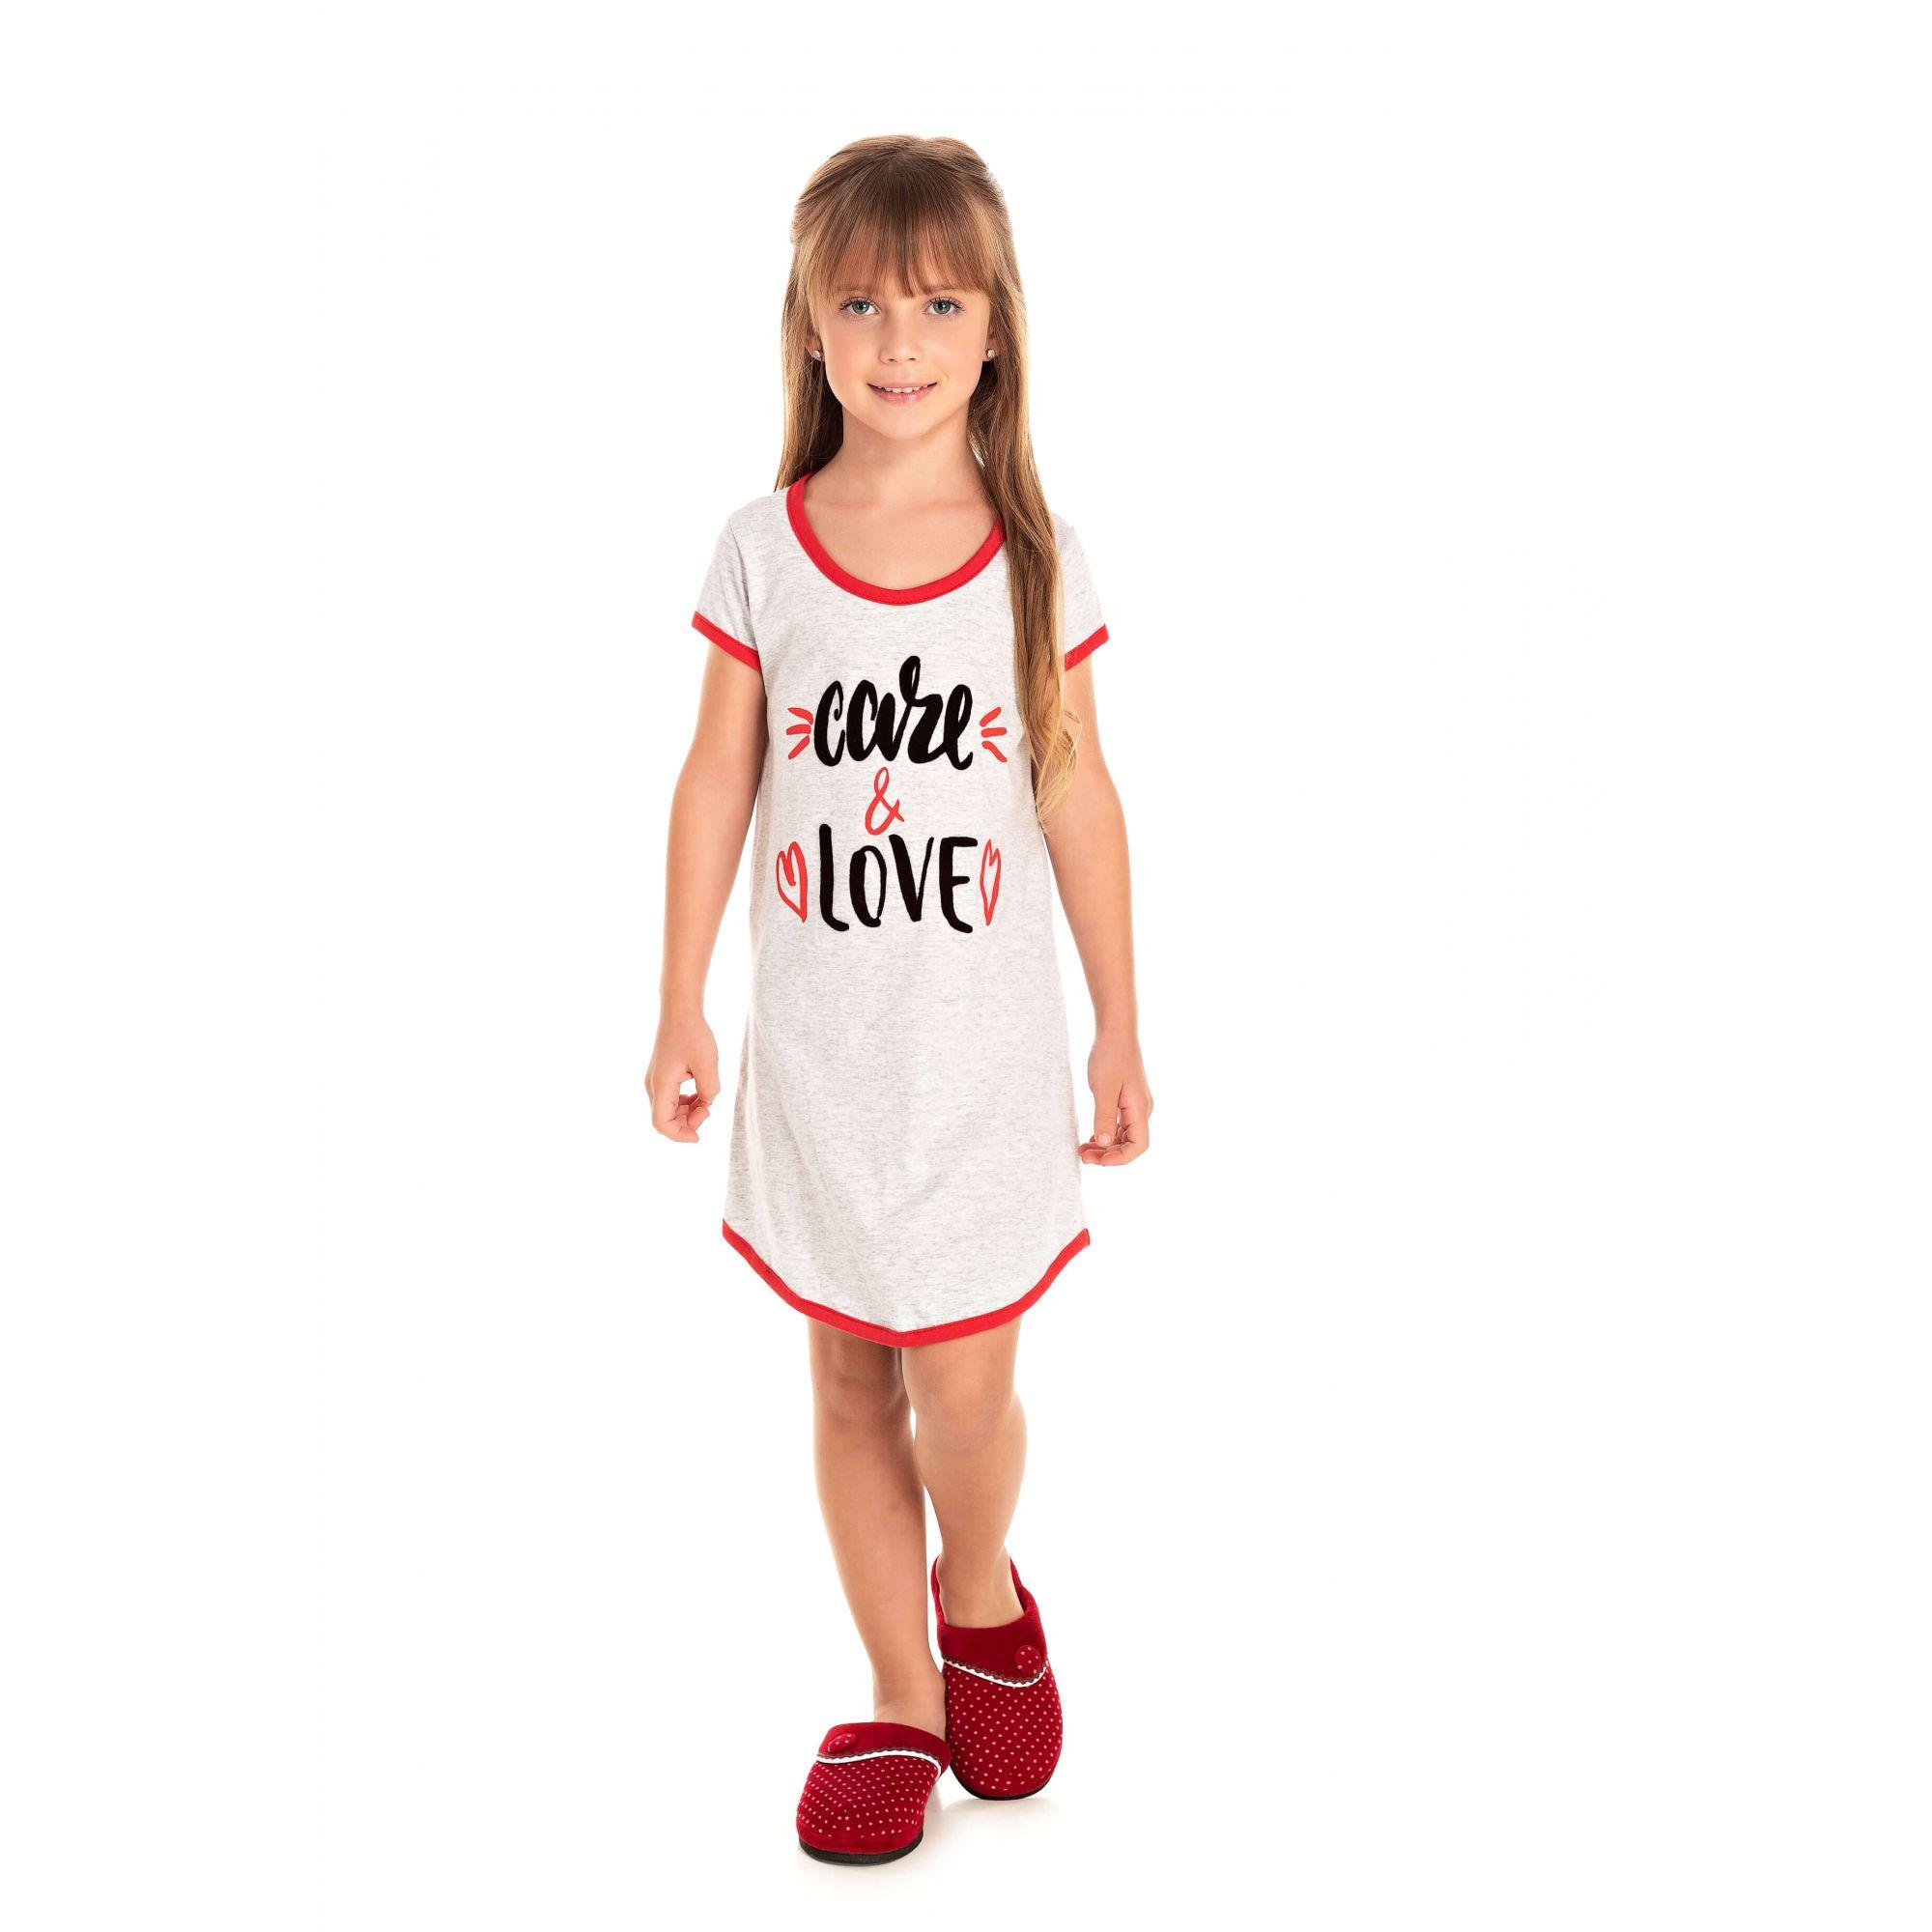 103/C - Camisola Infantil Feminino Care & Love